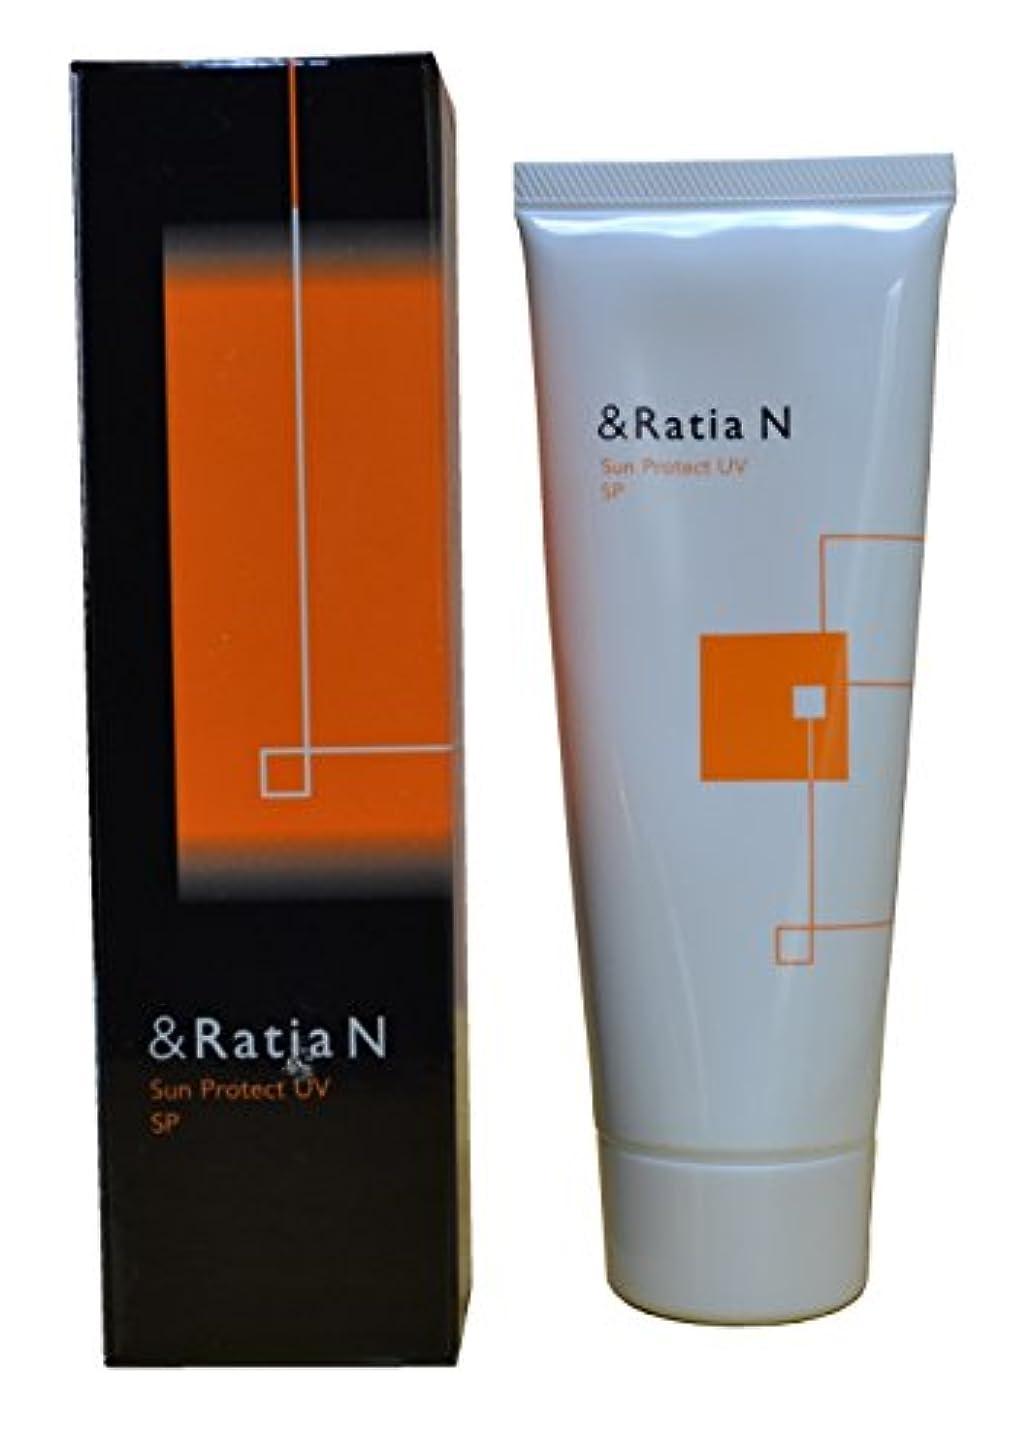 明らかの面では悩む&Ratia N(アンドラティア ナノ)サンプロテクトUV SP(日焼け止めメークアップベース)80g